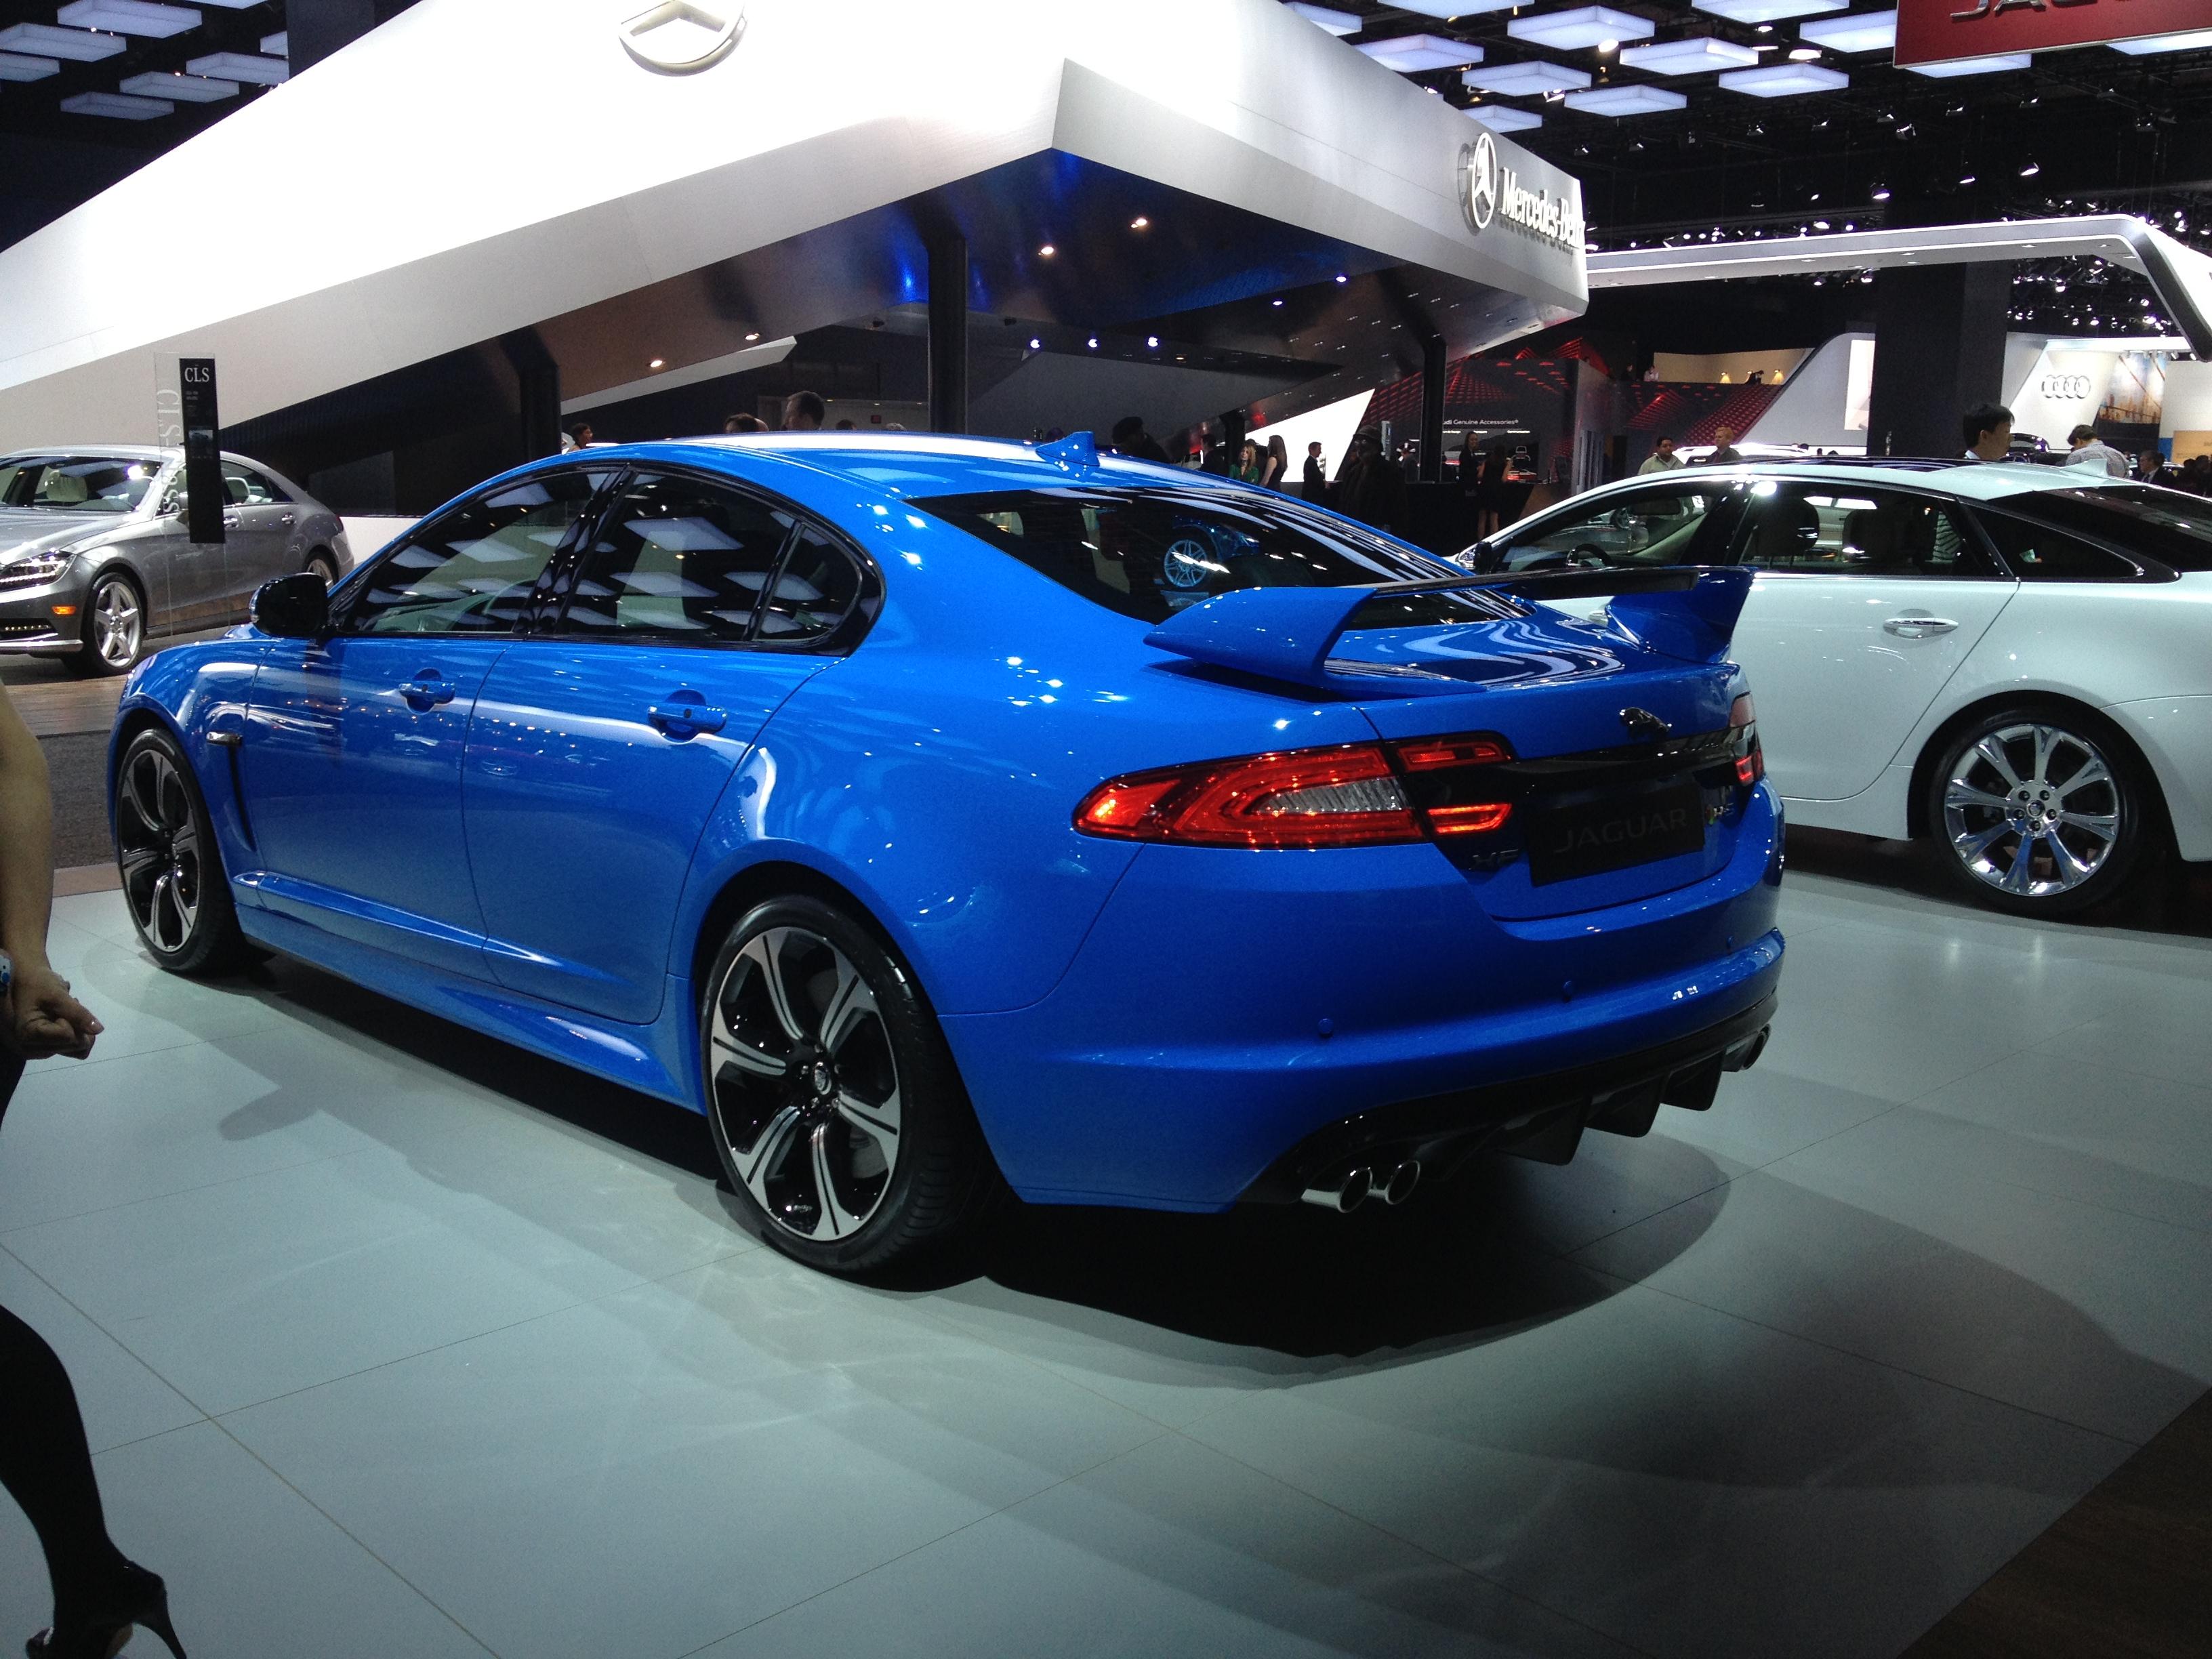 jaguar s front xfr uae dubai gcc xfrs review price specs carbonoctane